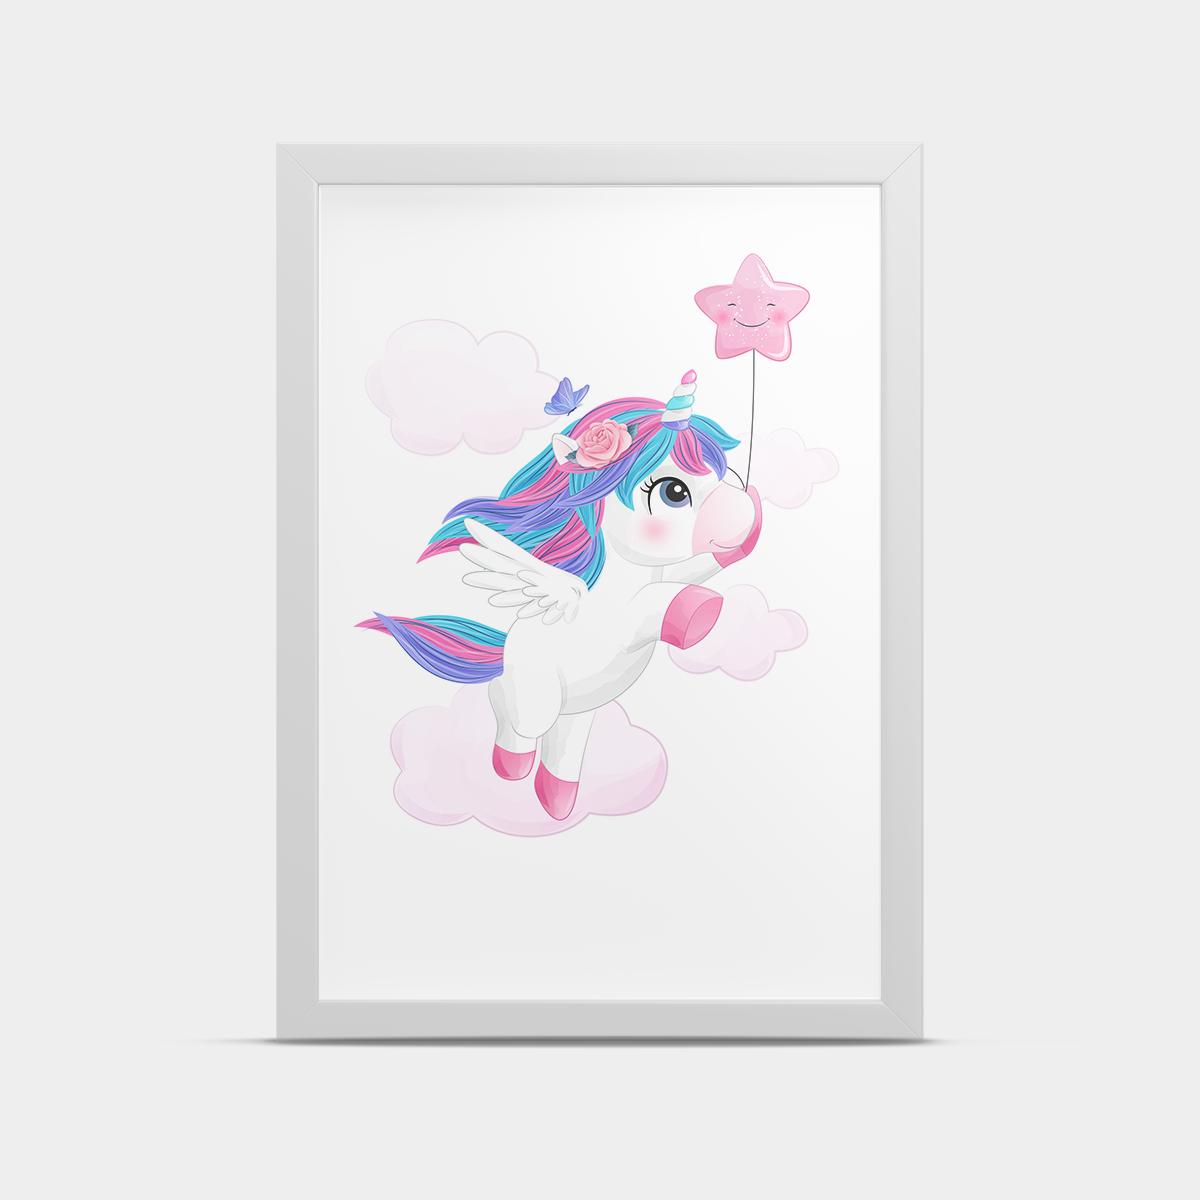 Постер на стену Единорог Разноцветный 20*30 см